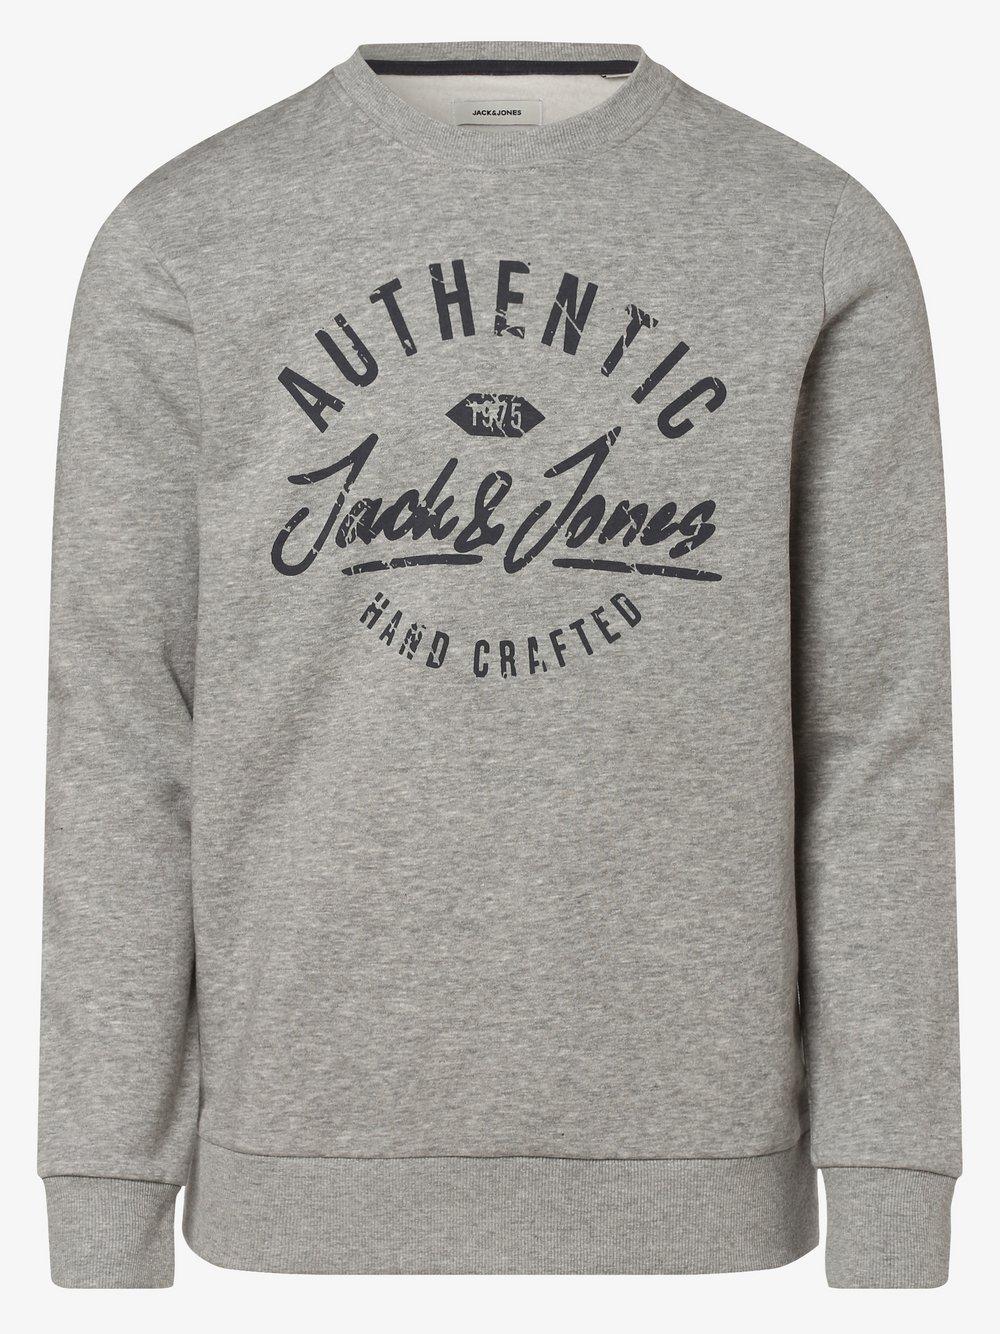 Jack & Jones - Męska bluza nierozpinana – JJHero, szary